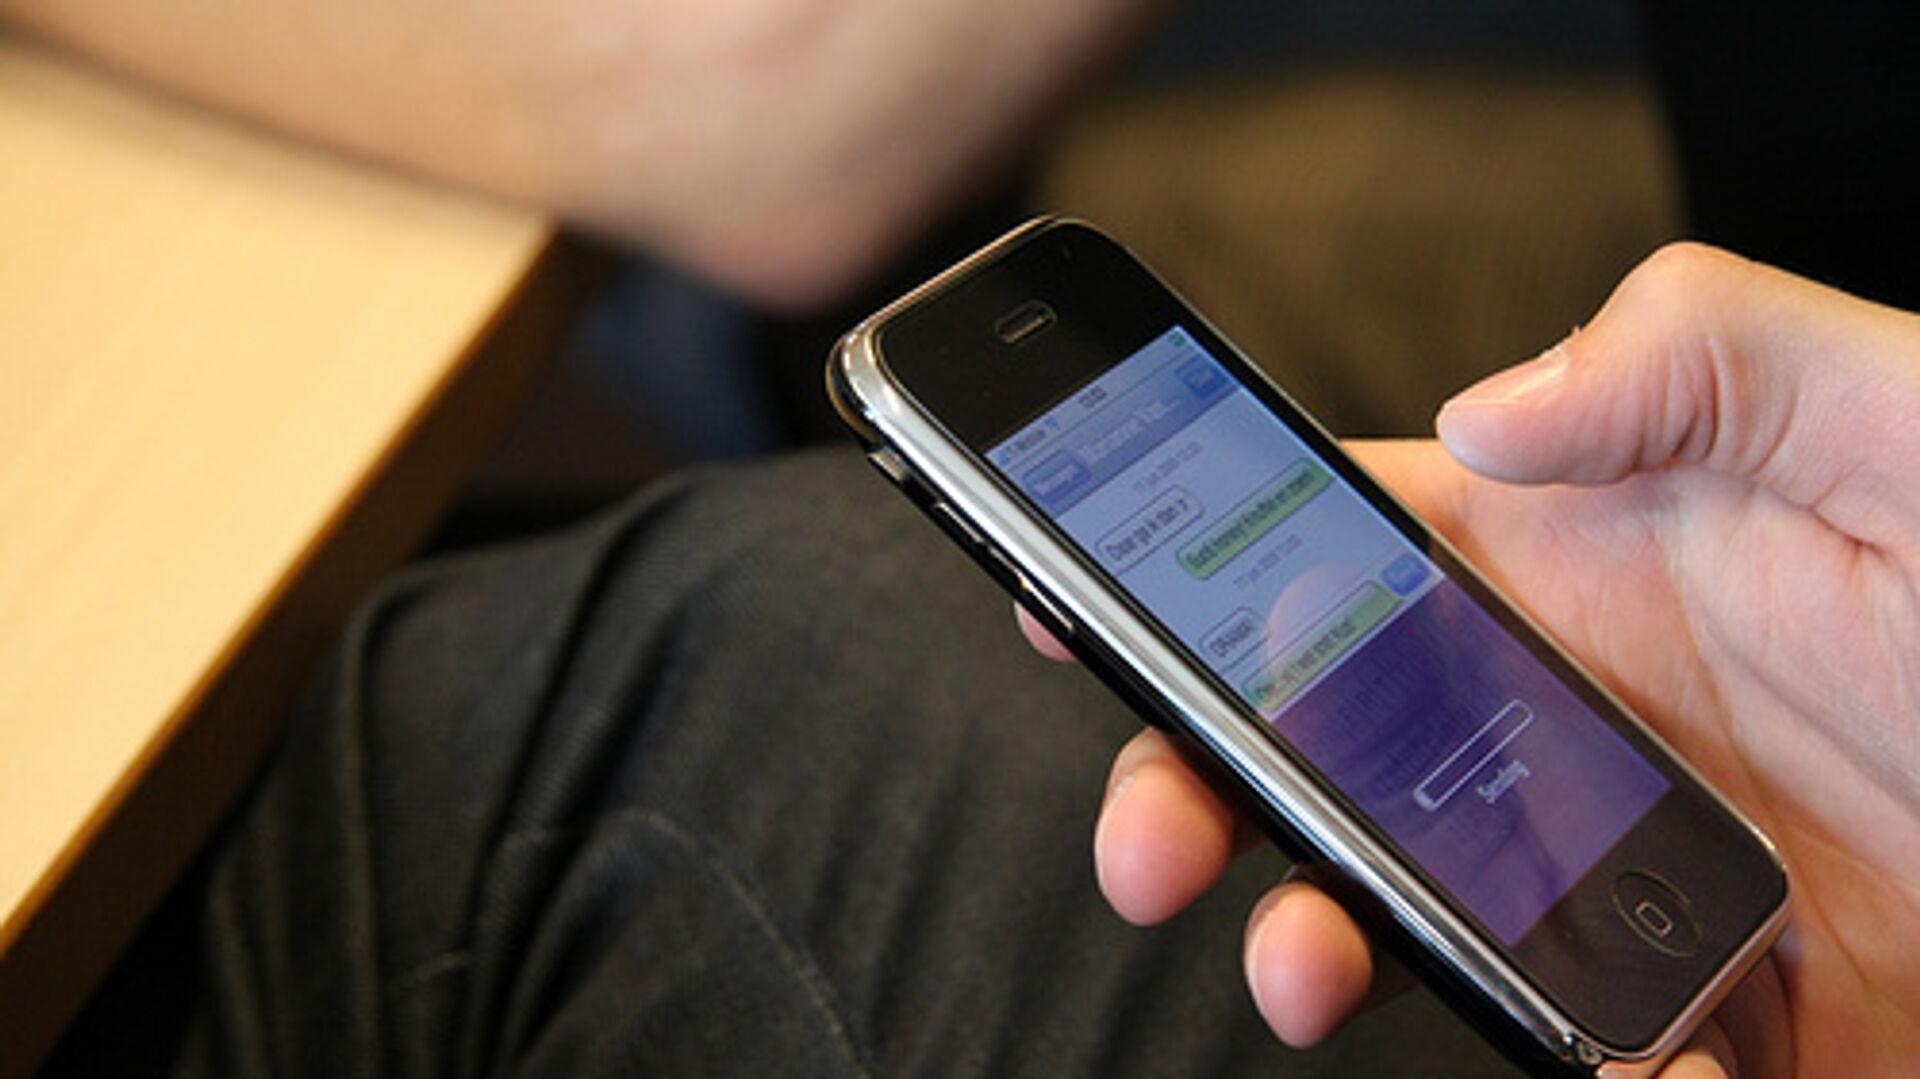 Un iPhone está mandando un mensaje de texto - Sputnik Mundo, 1920, 16.03.2021